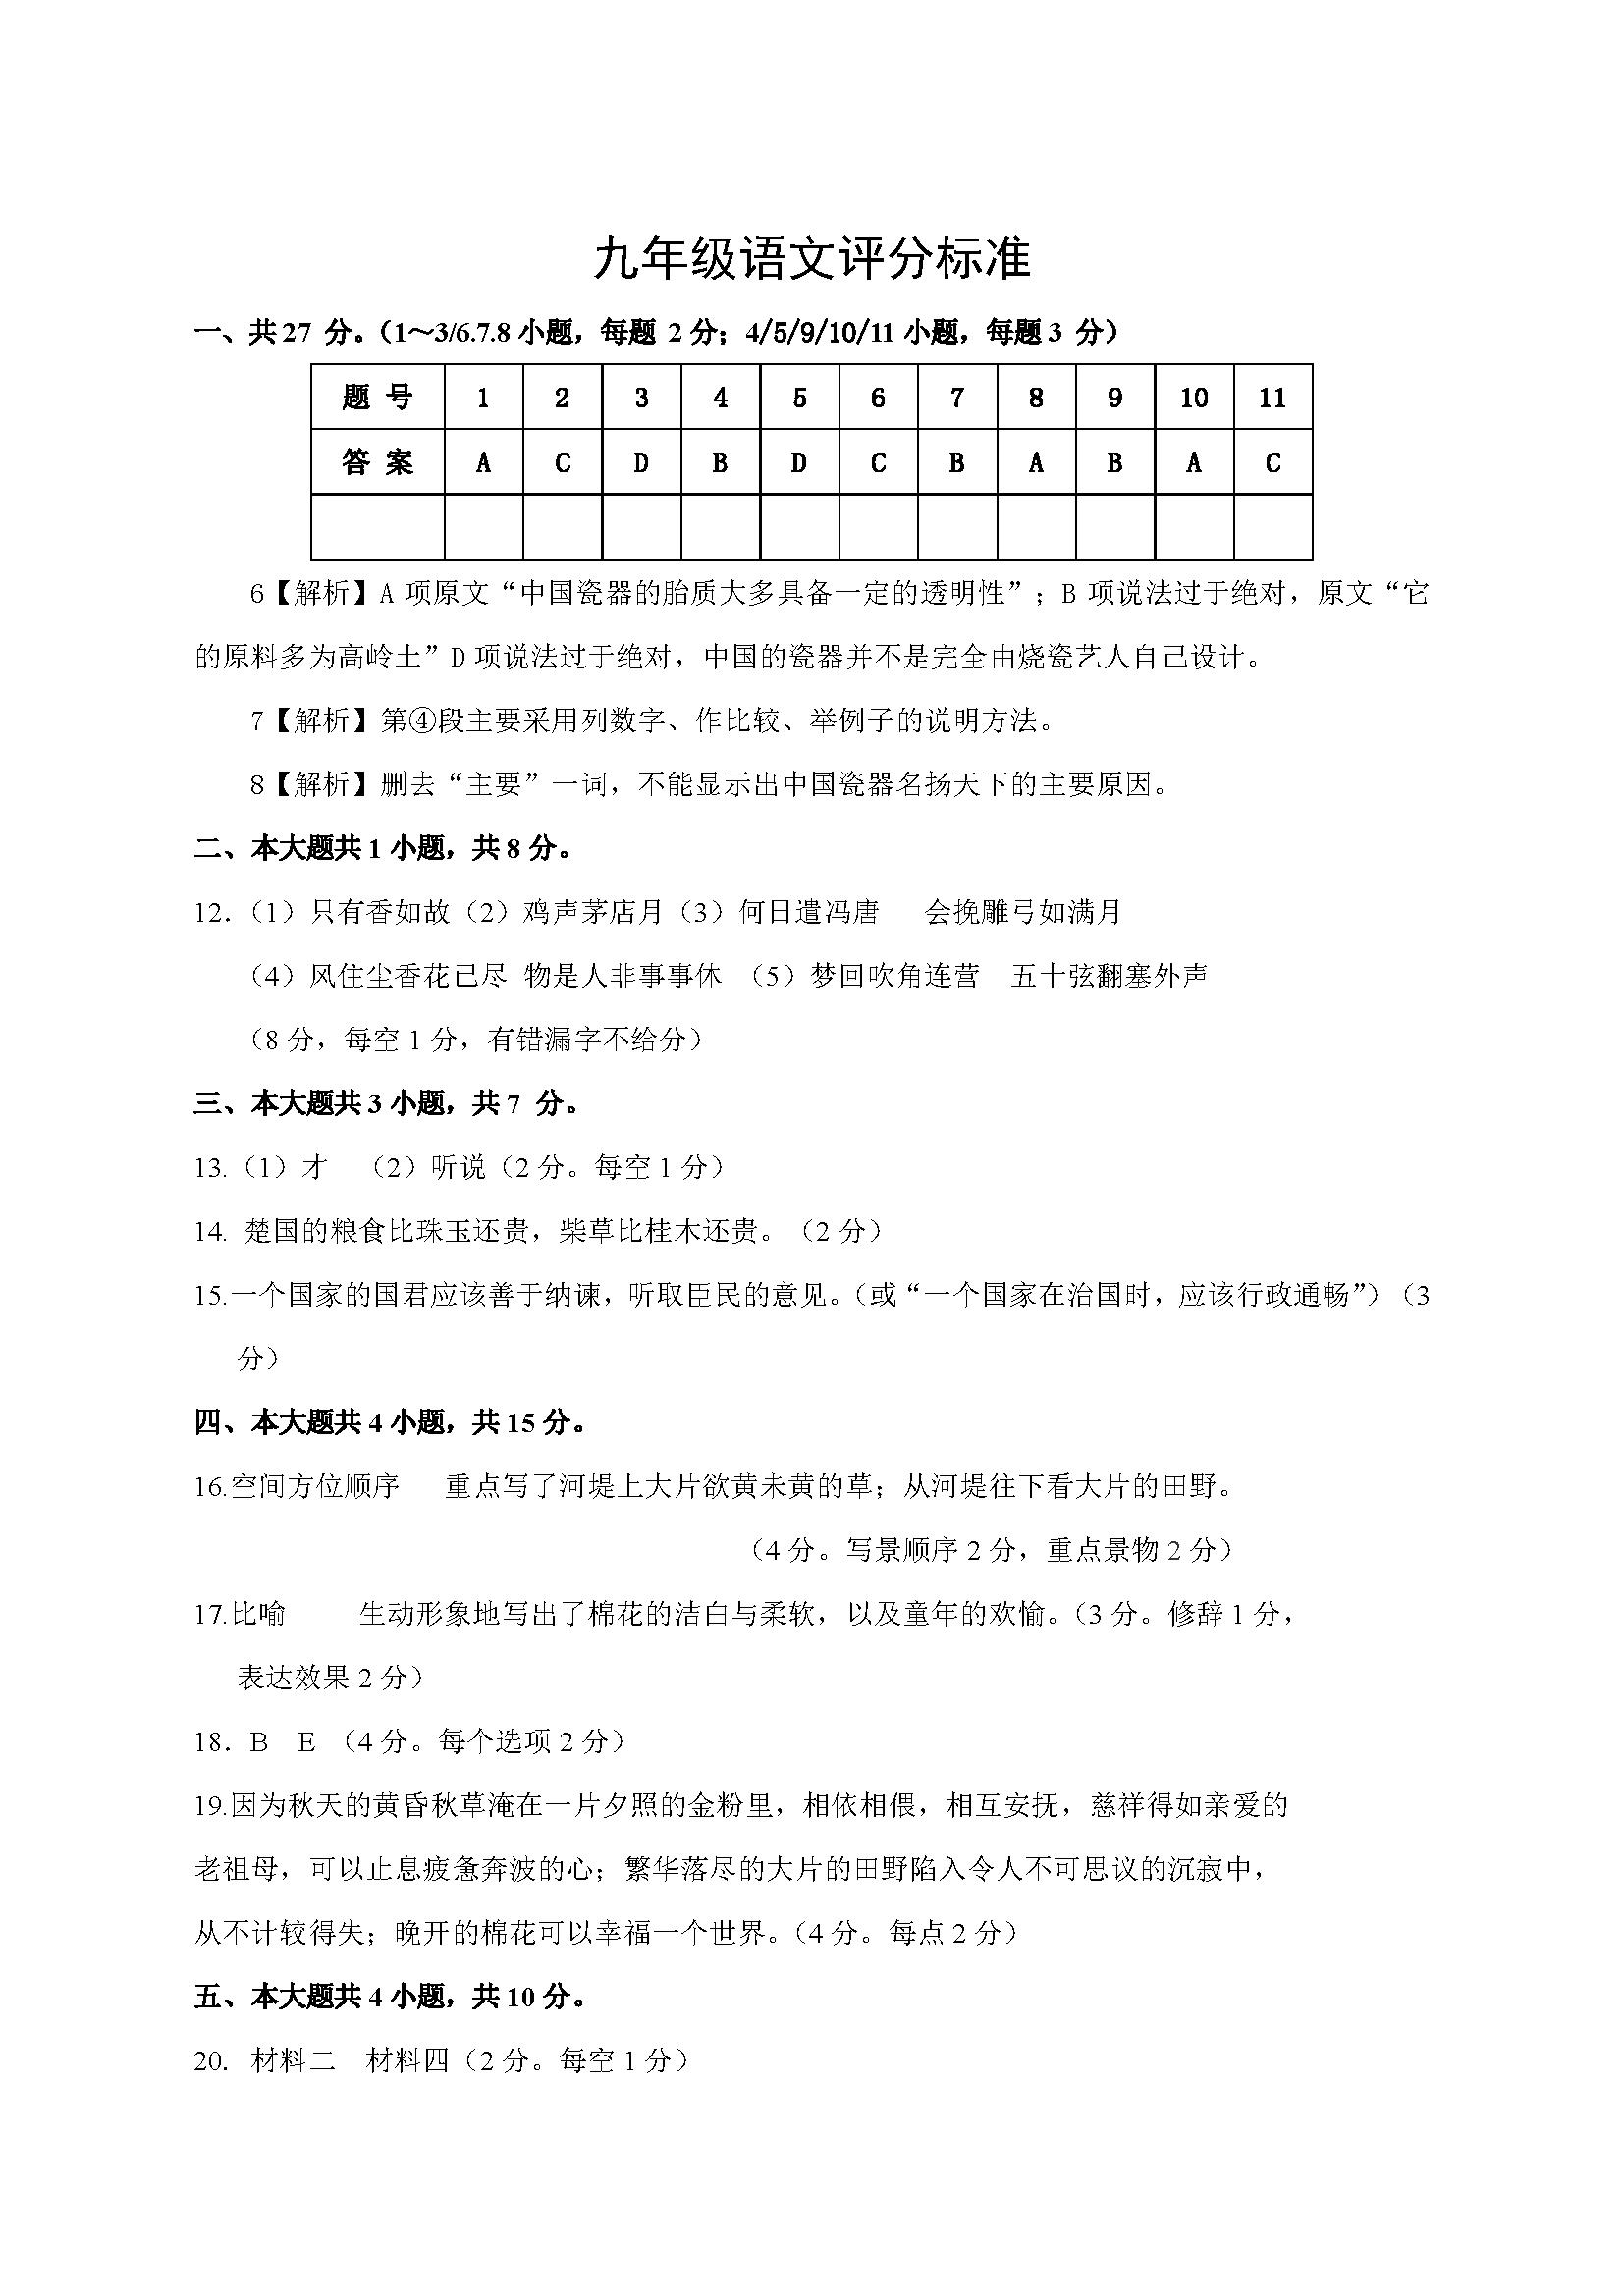 天津宝坻第八中学2018九年级上第一次月考语文试题答案(Word版)